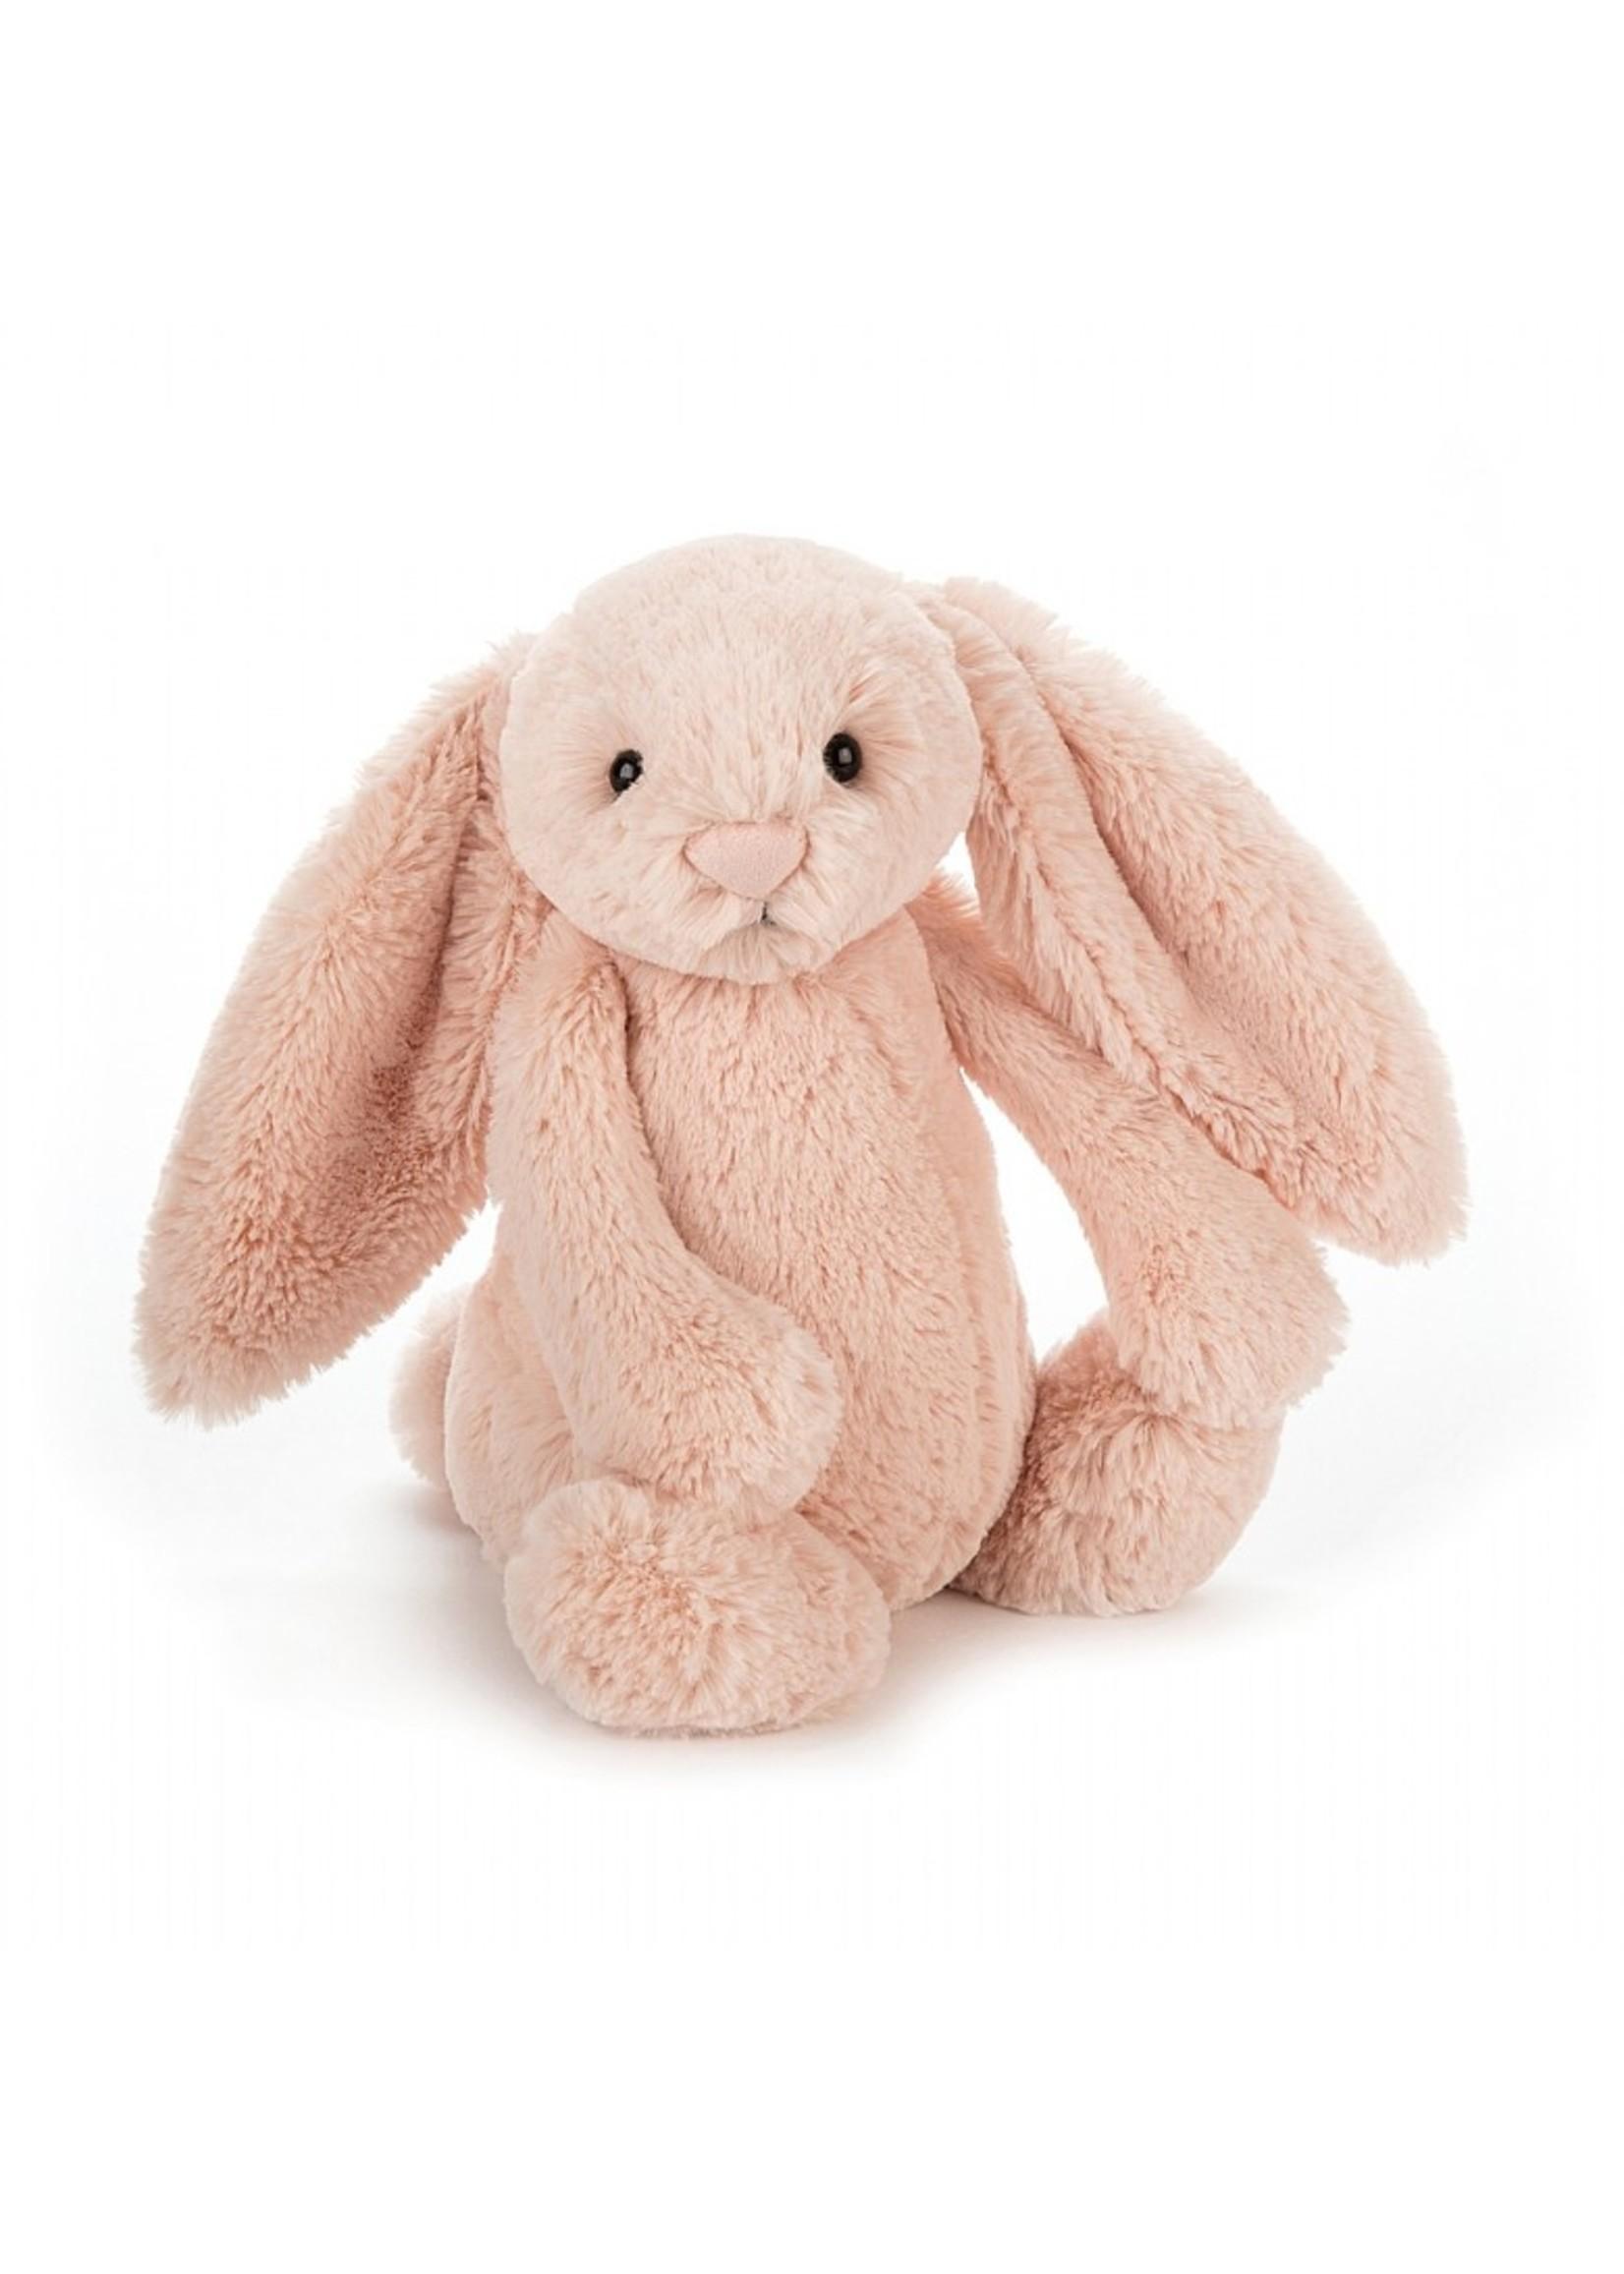 Jellycat Bashful Blush Bunny Medium